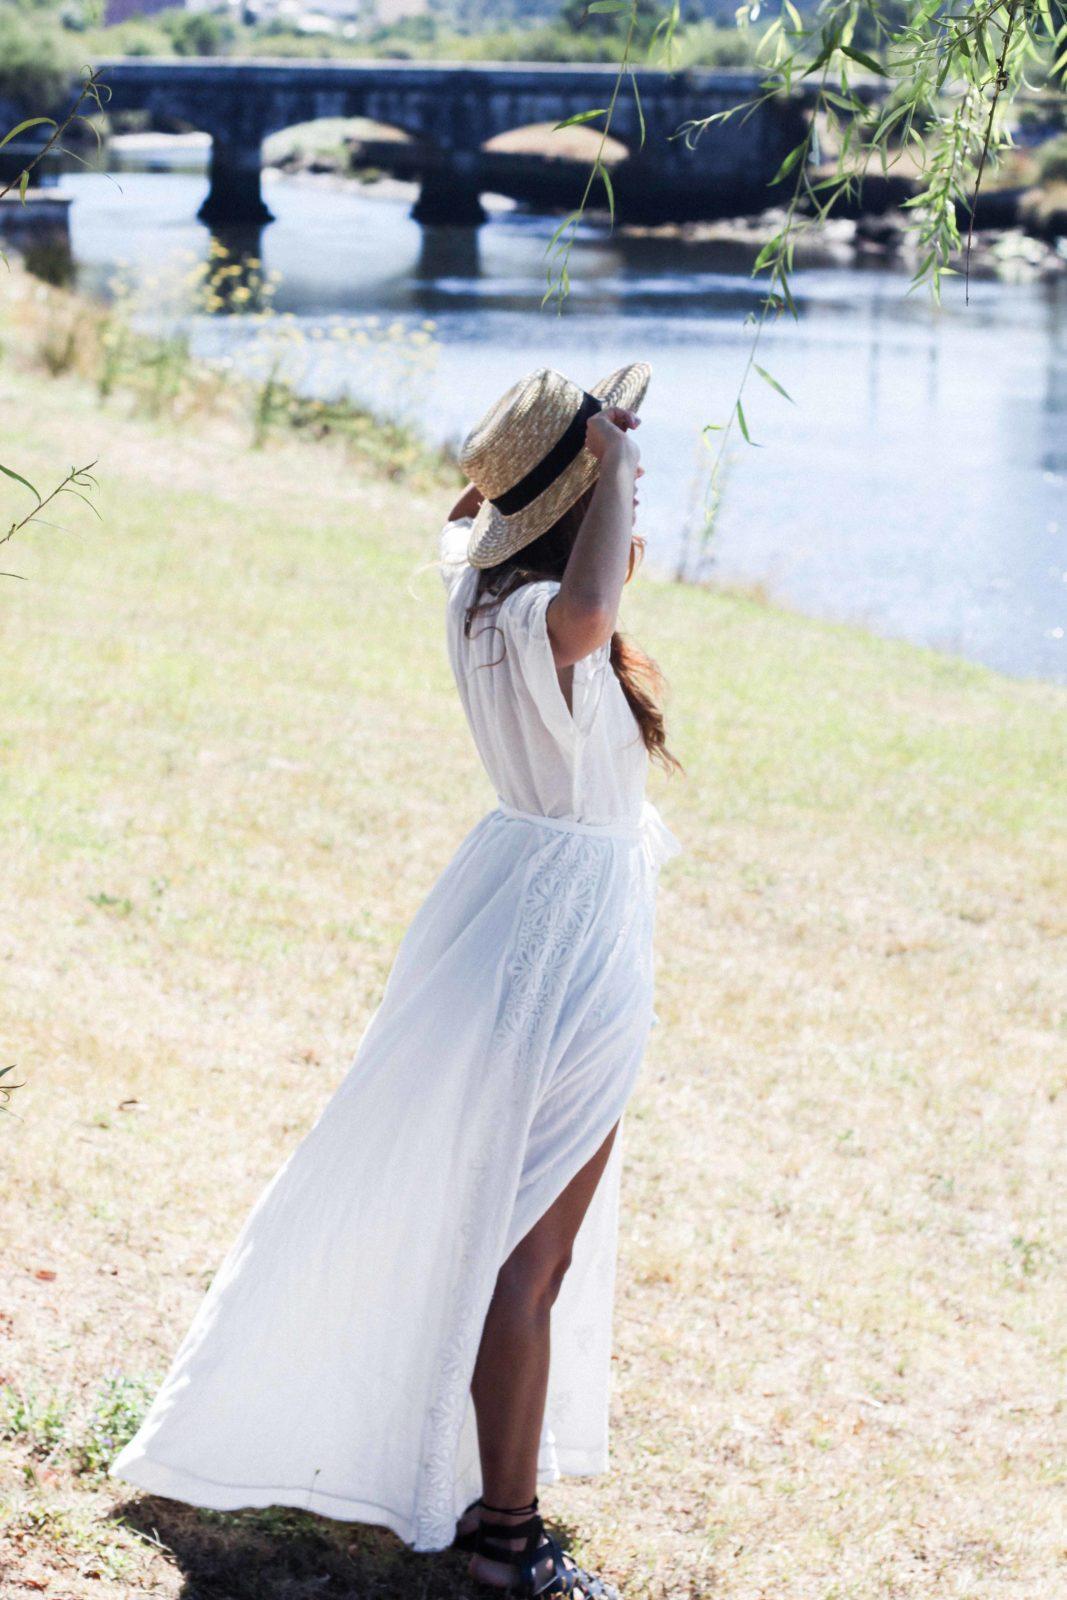 vestido_blanco_canotier_shorts-46